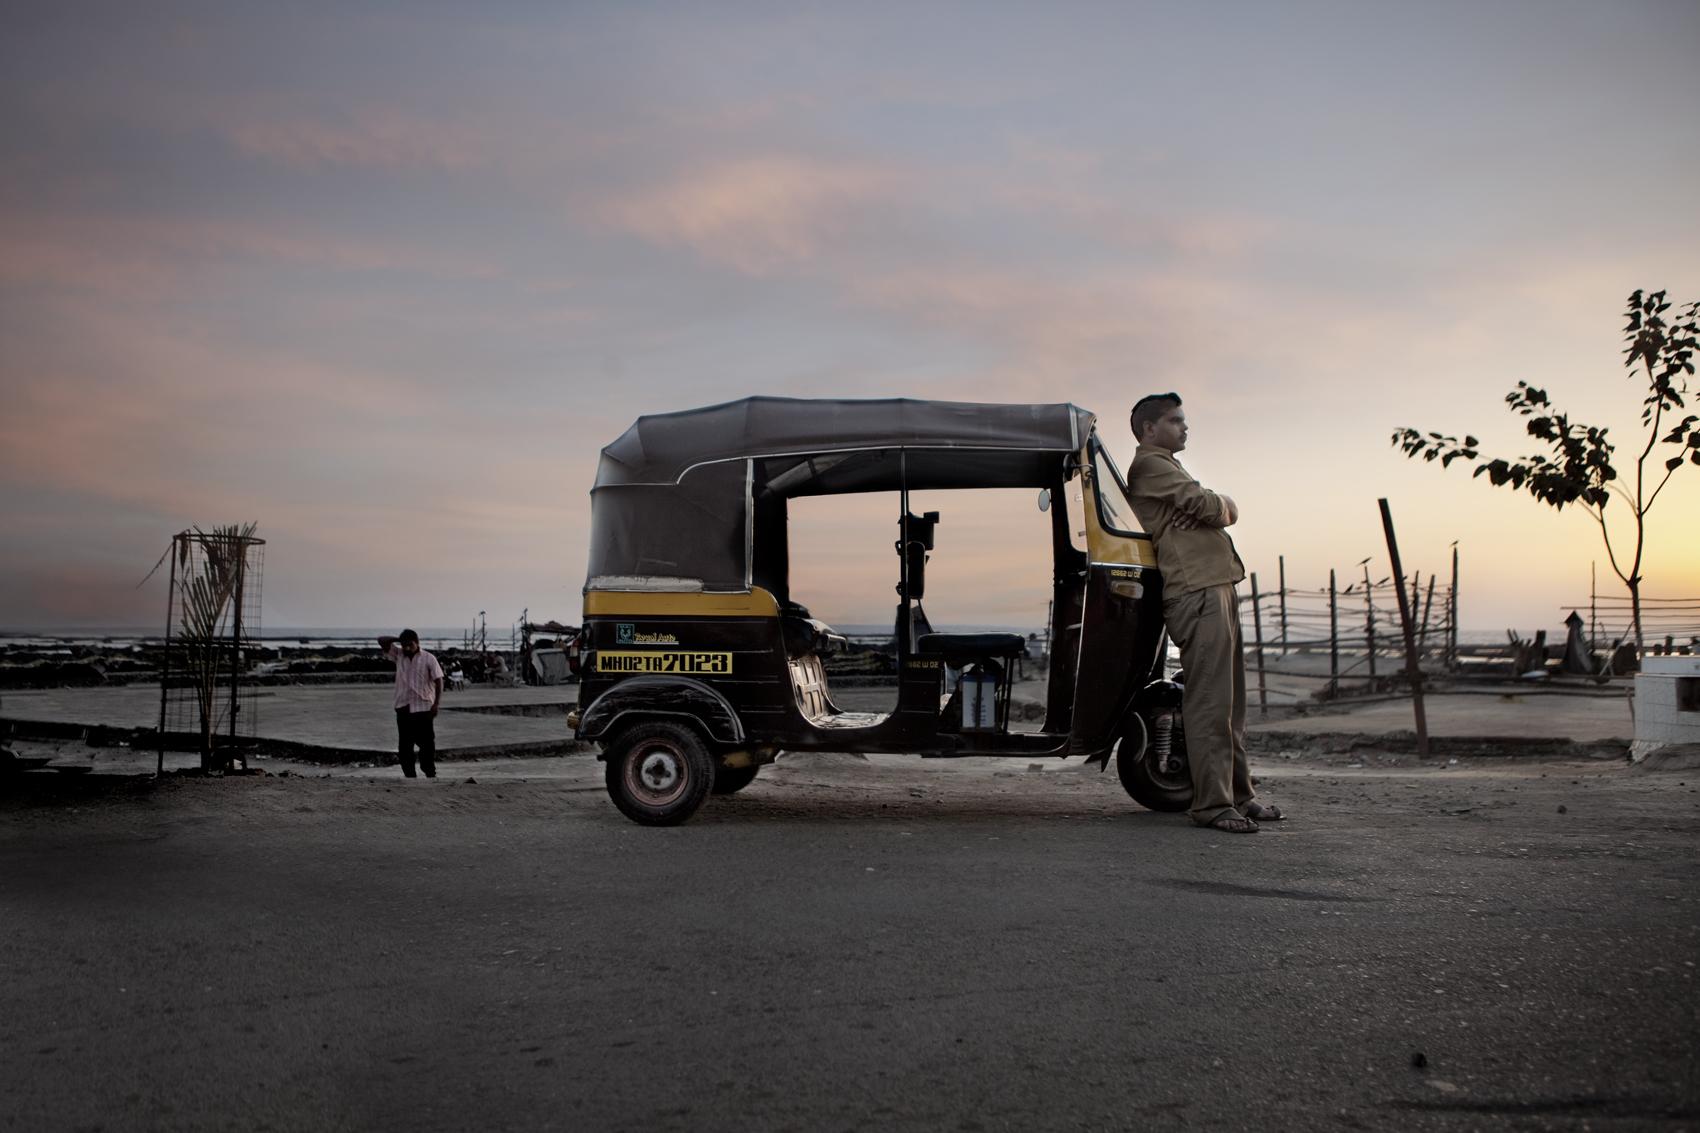 6_Mumbai Taxi.jpg